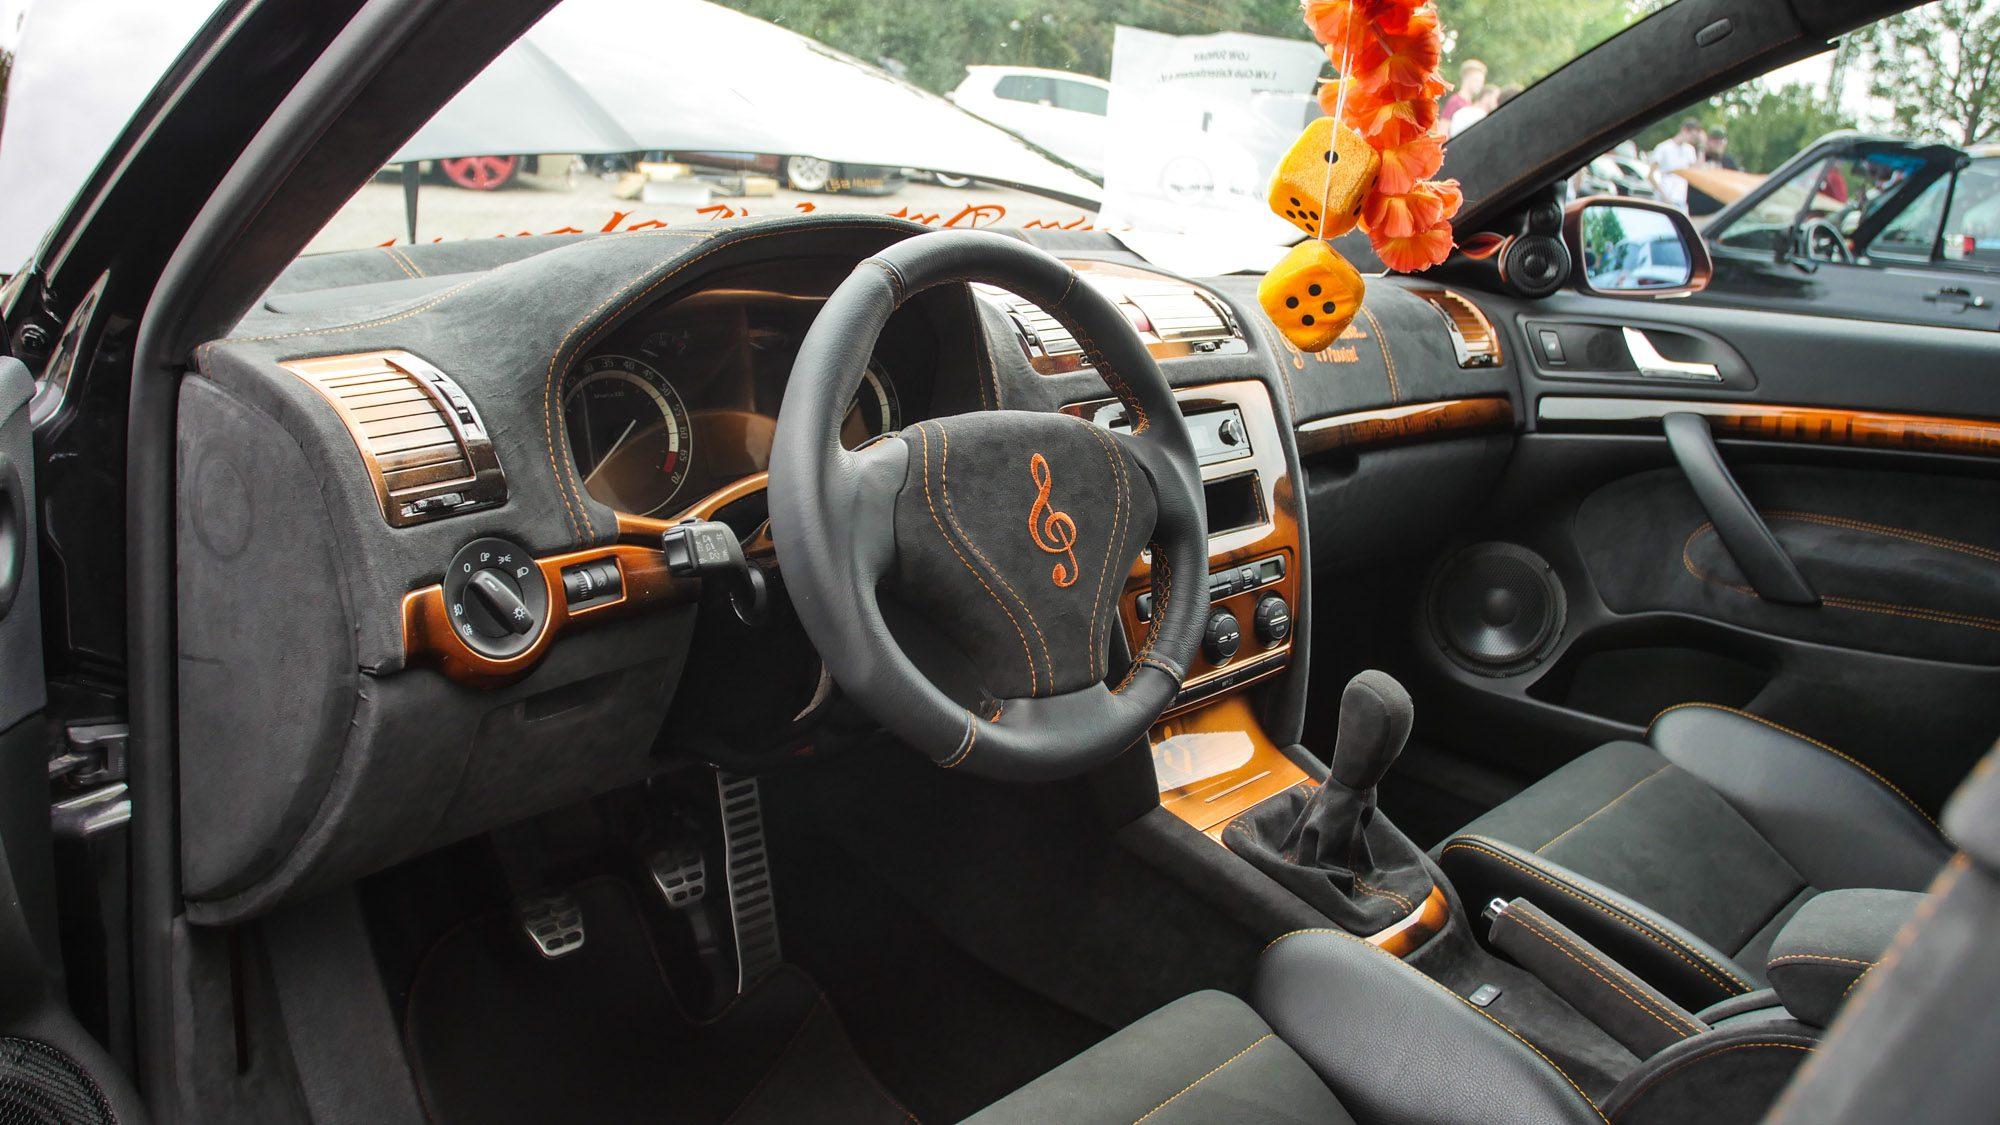 Kunstvoll designter Innenraum des Skoda Octavia RS